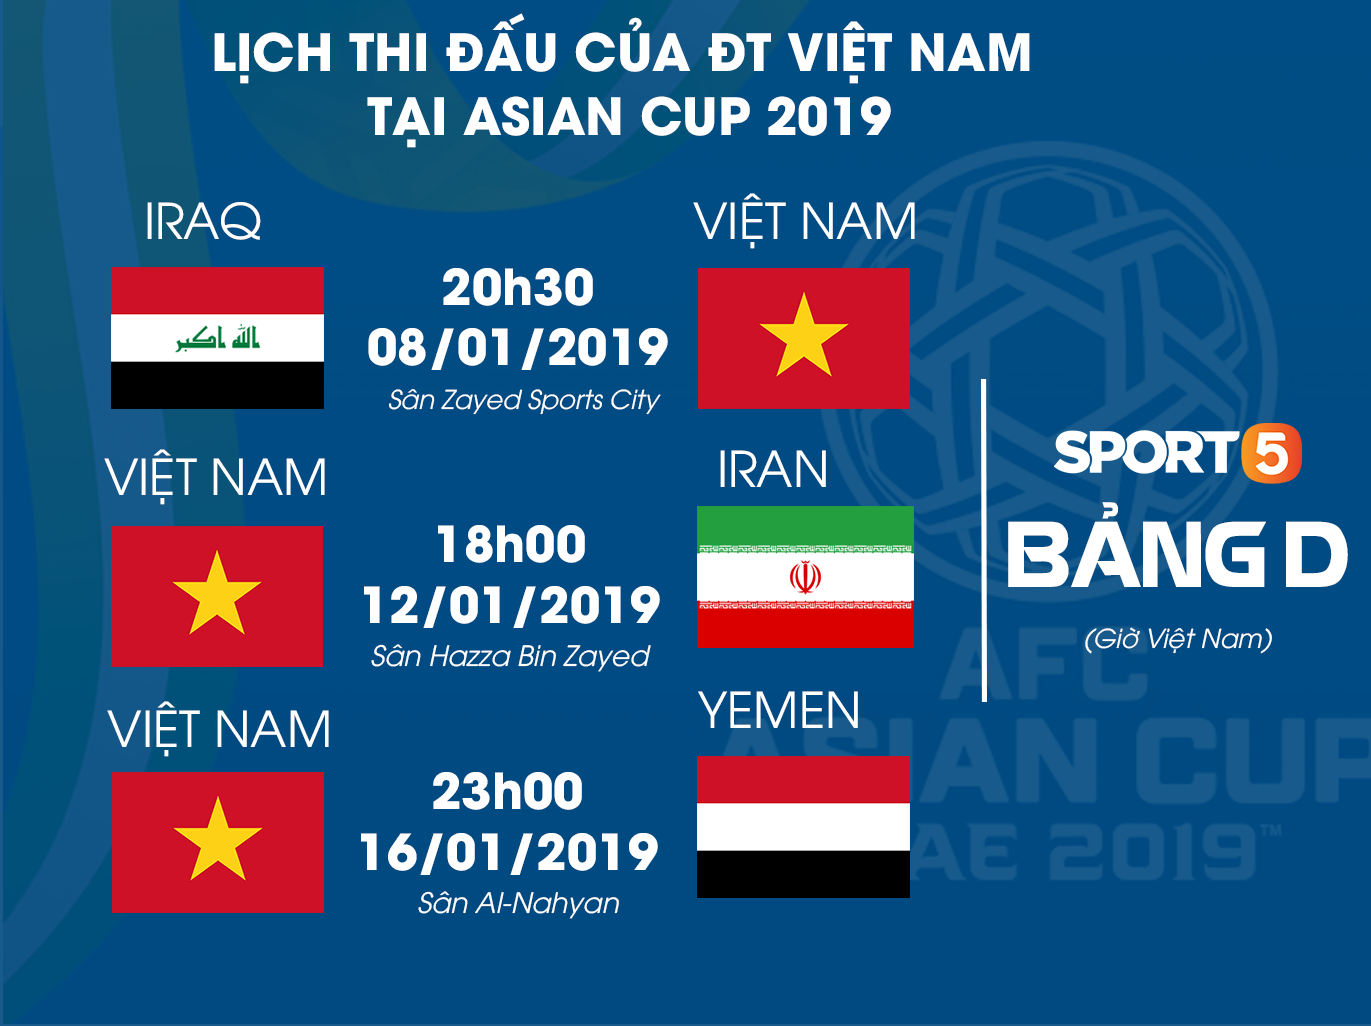 Nếu Công Phượng xử lý nhanh hơn, Duy Mạnh đã không lỡ hẹn trận đấu cuối cùng ở vòng bảng Asian Cup 2019 - Ảnh 10.